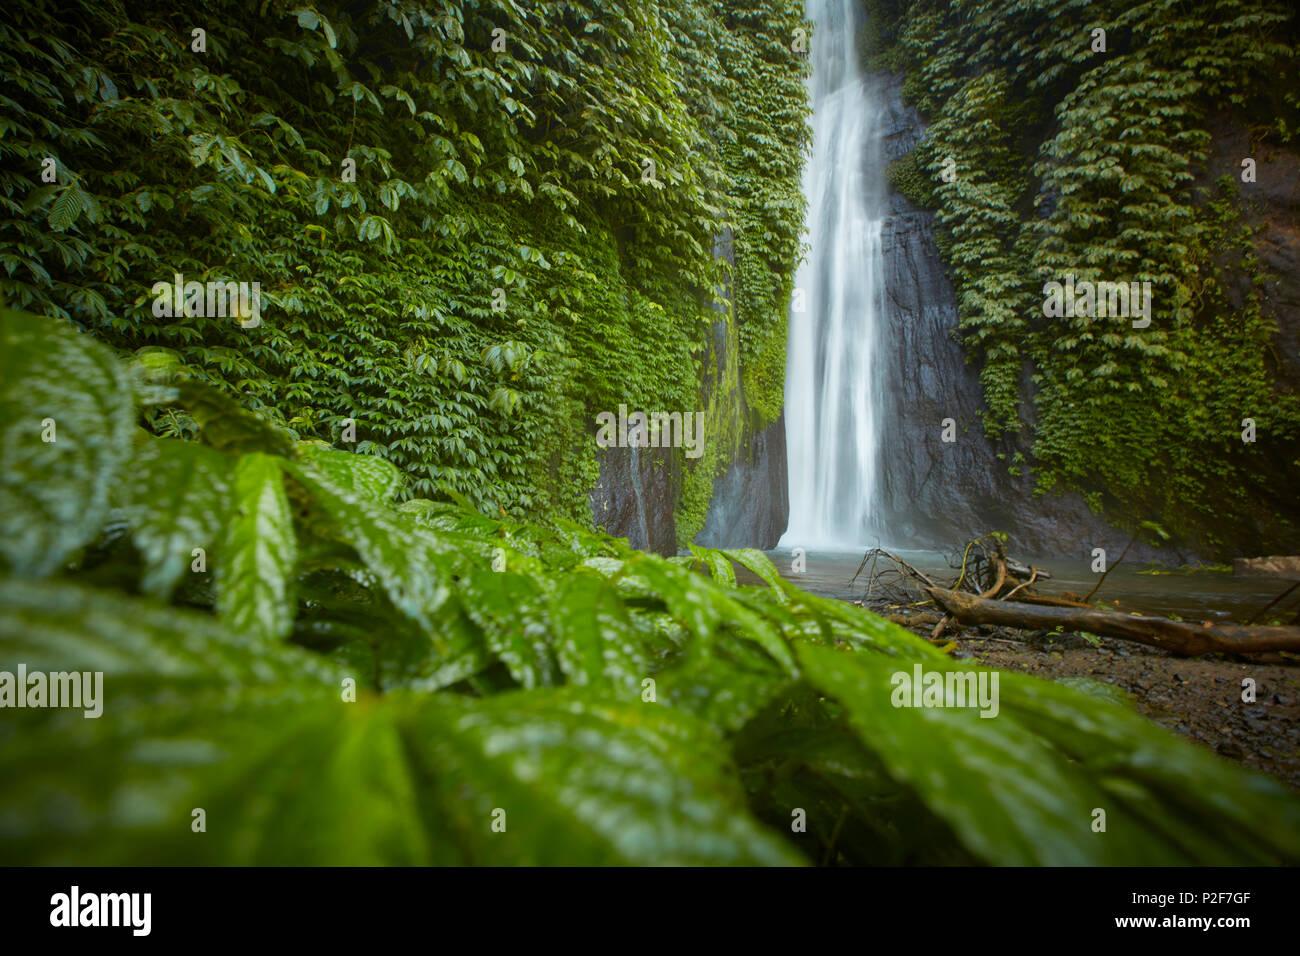 Gobleg MUNUK, cerca de la cascada, en el norte de Bali, Indonesia Imagen De Stock